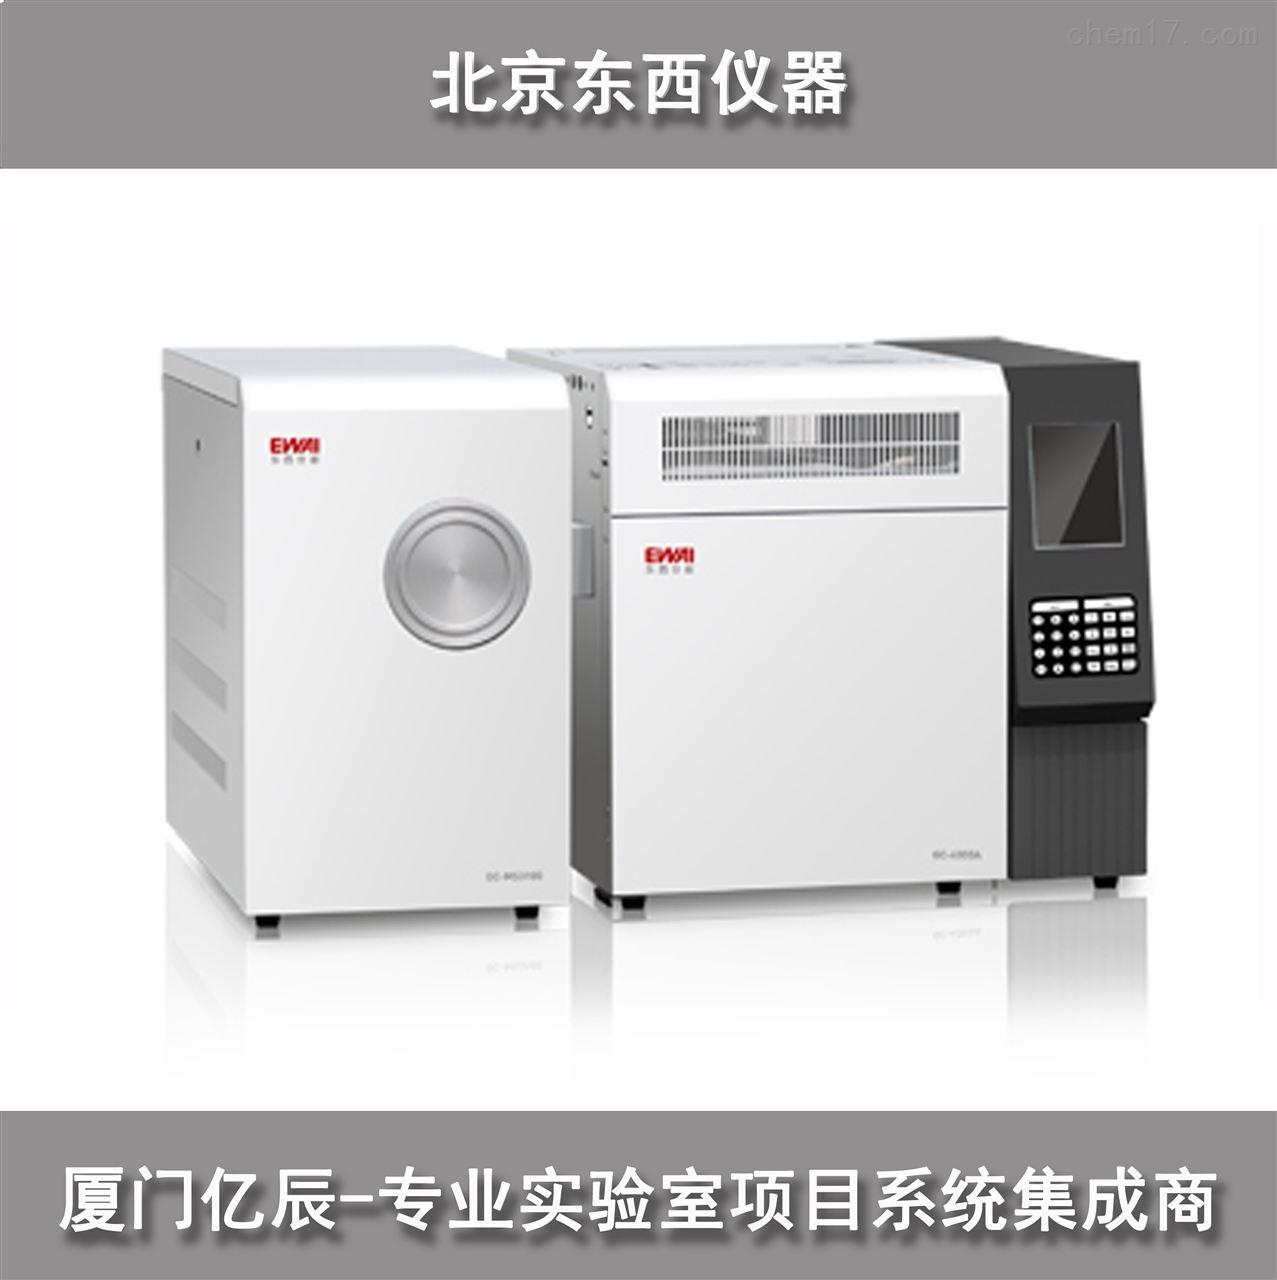 北京东西 GC-MS3100型气相色谱(四极)质谱联用仪